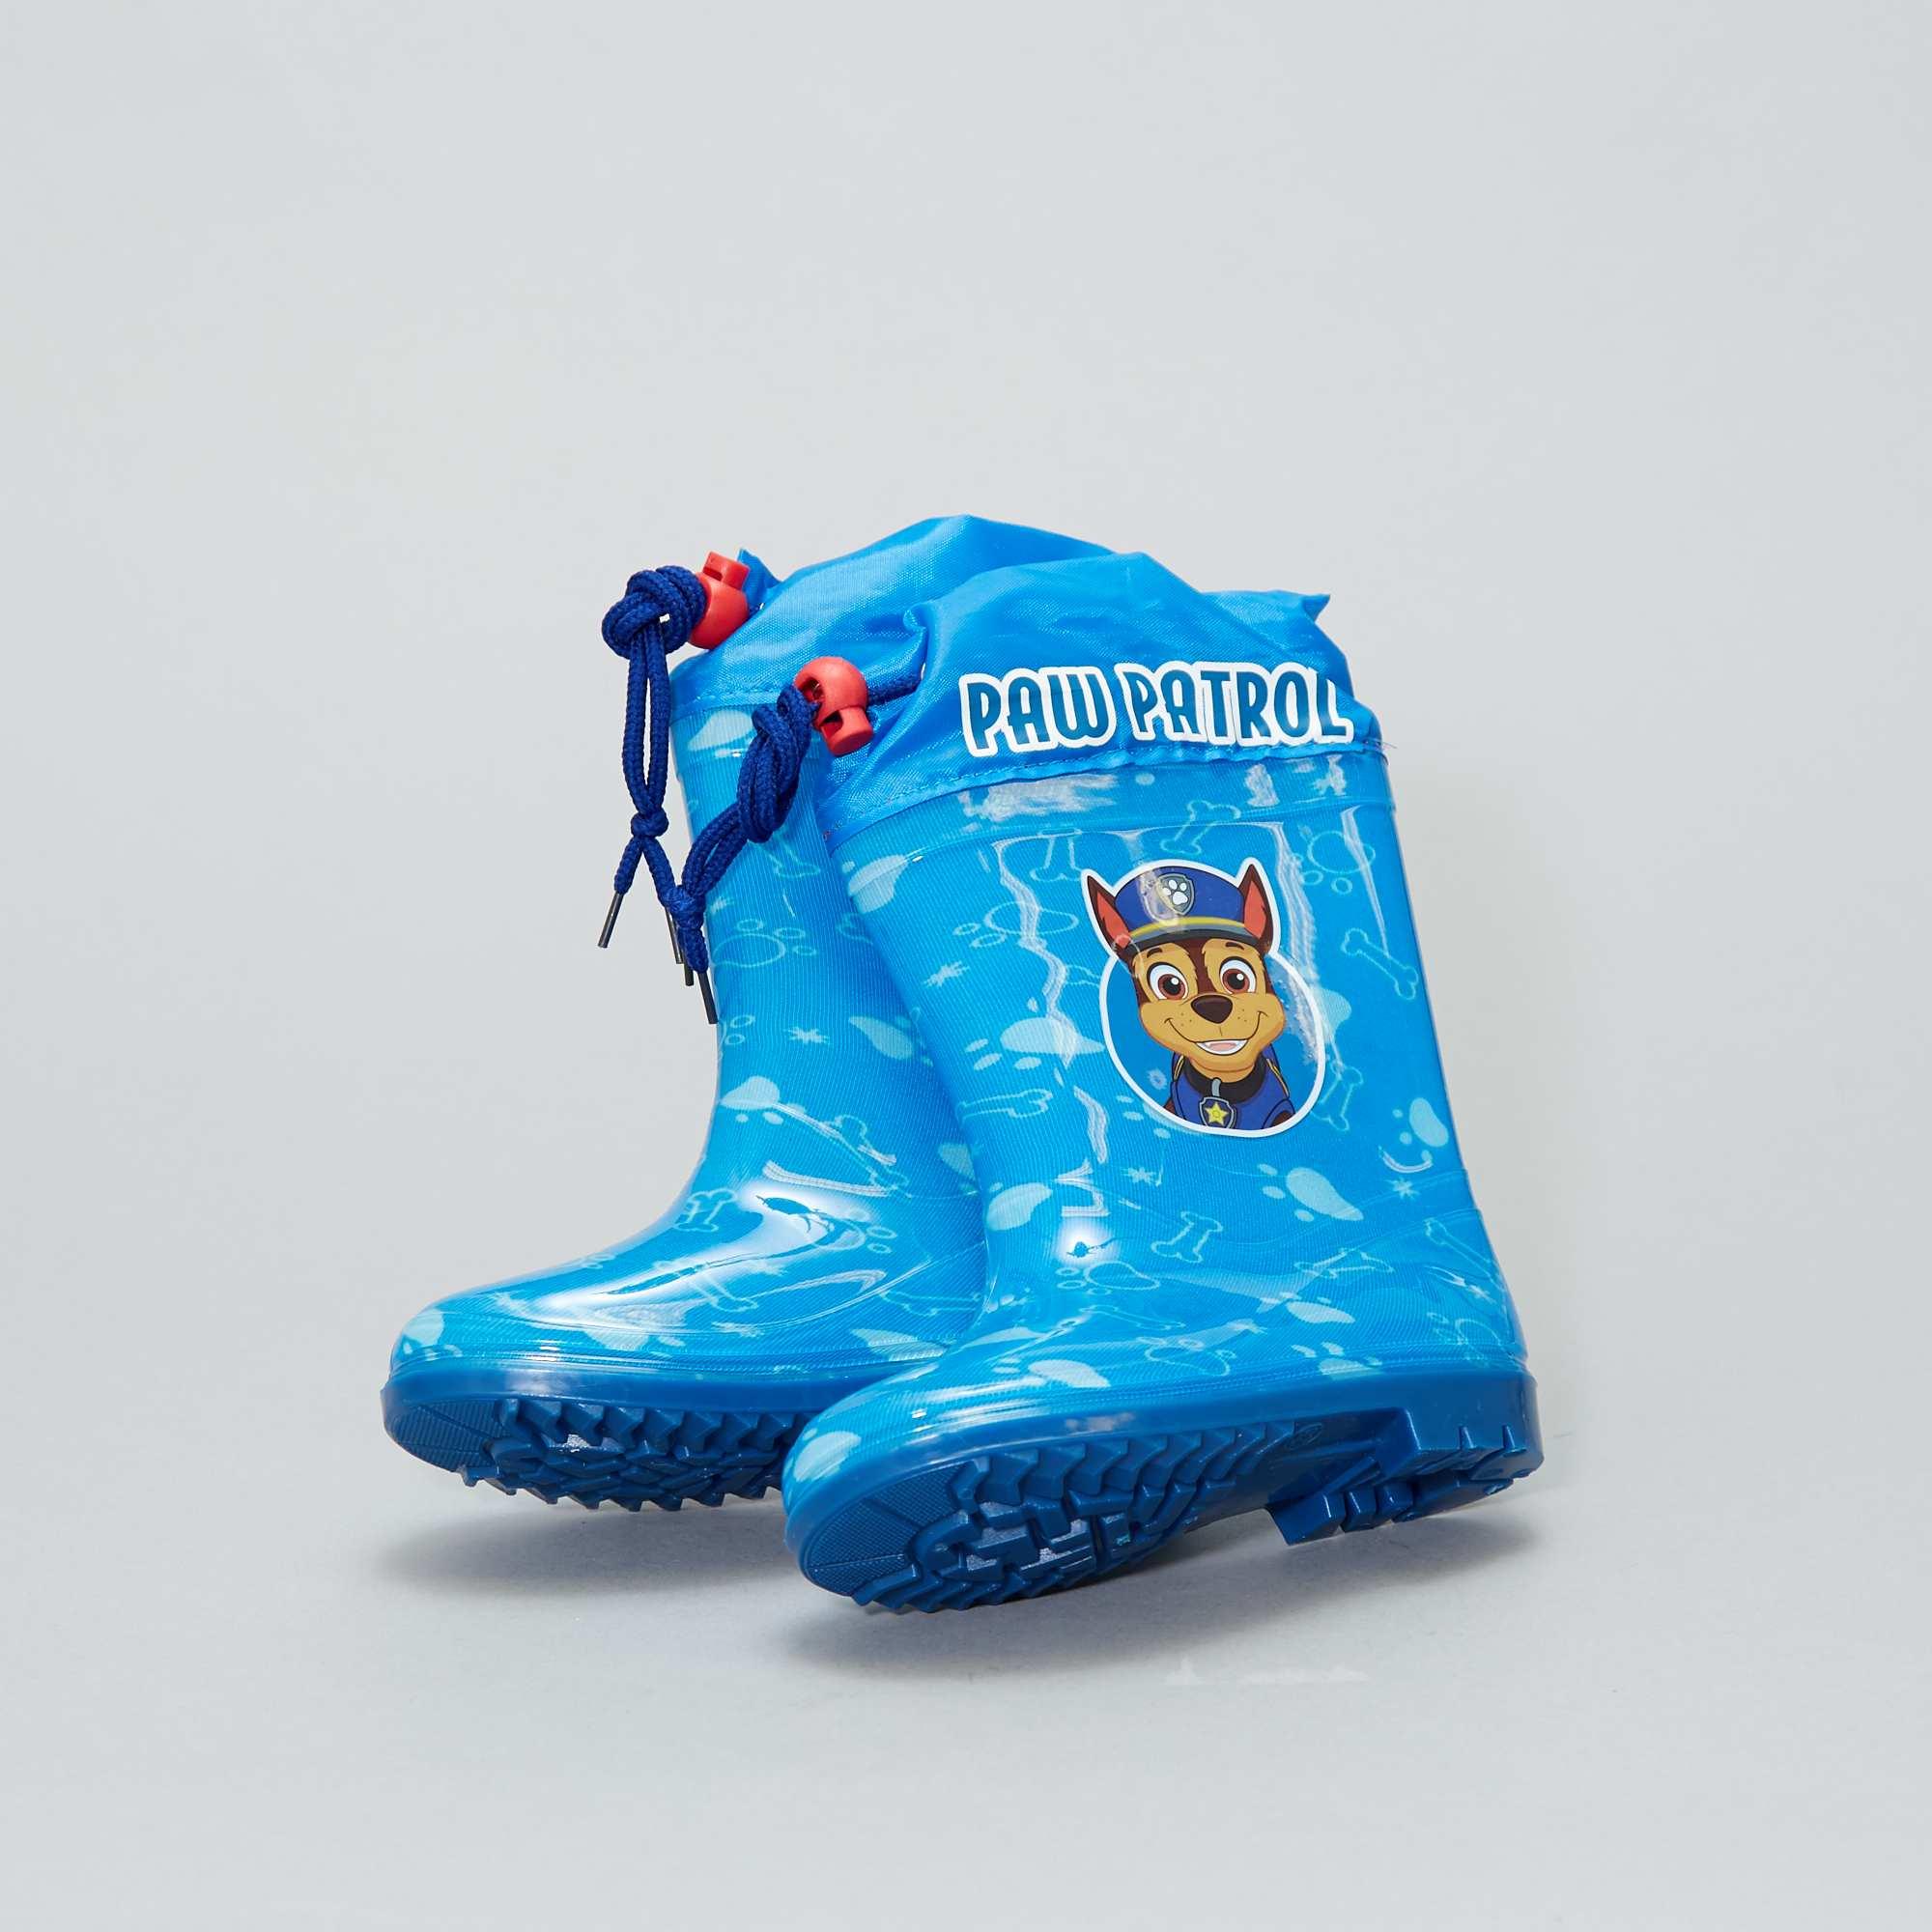 b69ce947889 Botas de agua  La Patrulla Canina  Chico - azul - Kiabi - 15